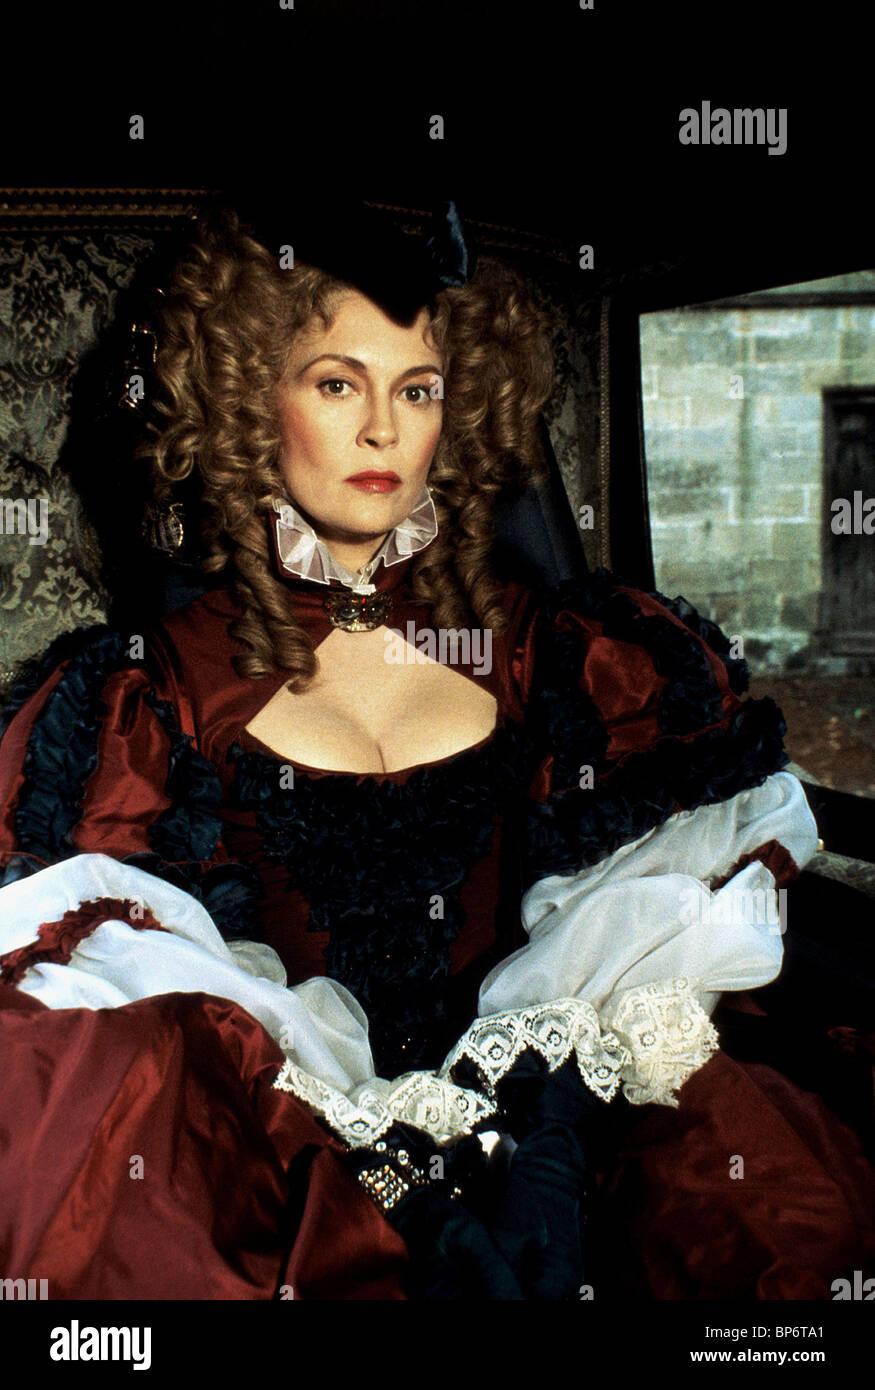 wicked lady faye dunaway lady stock photos amp wicked lady